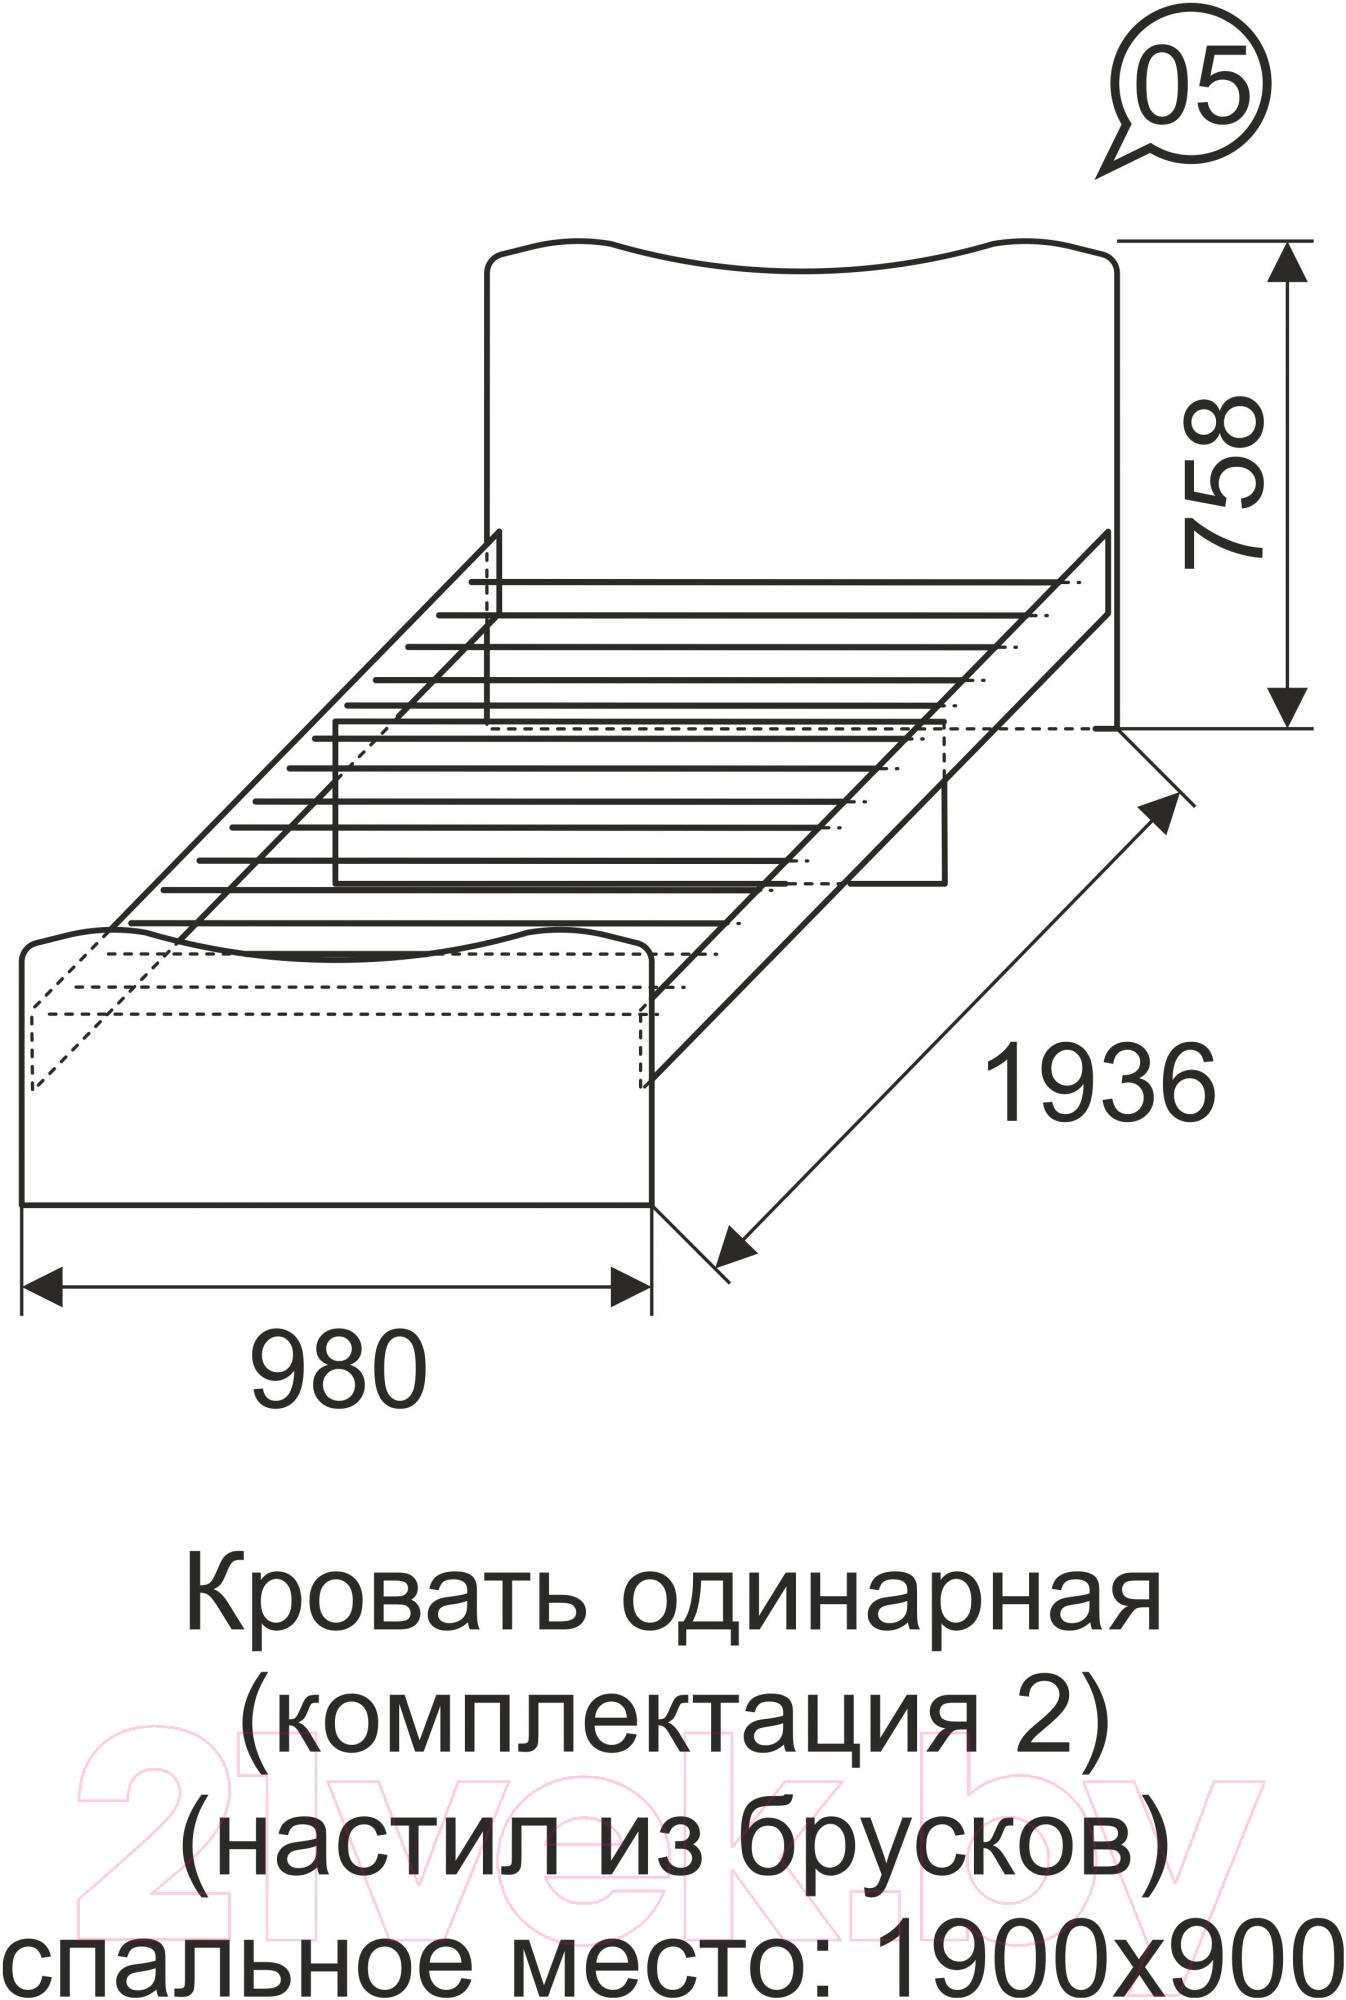 Какие размеры бывают у кровати «полуторки» (73 фото): стандартные габариты полутороспальной кровати, 120 х 200 и 120 х 190, параметры матраса и постельного белья